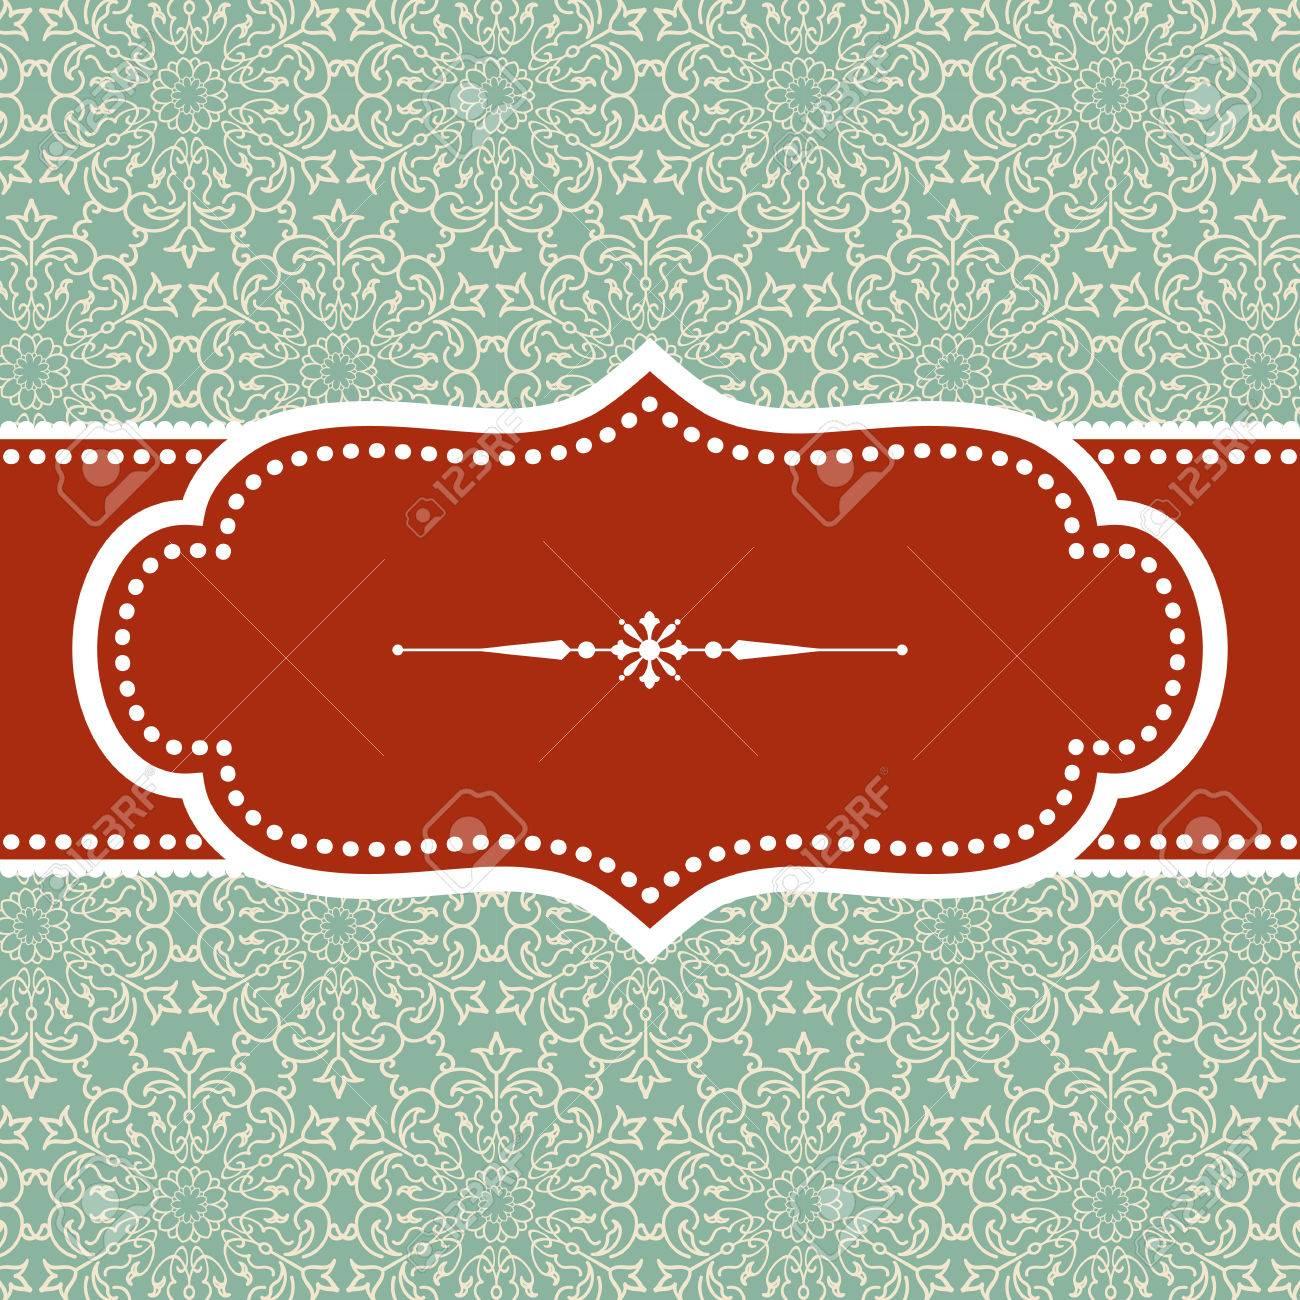 Fondo De La Navidad - Diseño Marco De La Vendimia Con El Divisor ...